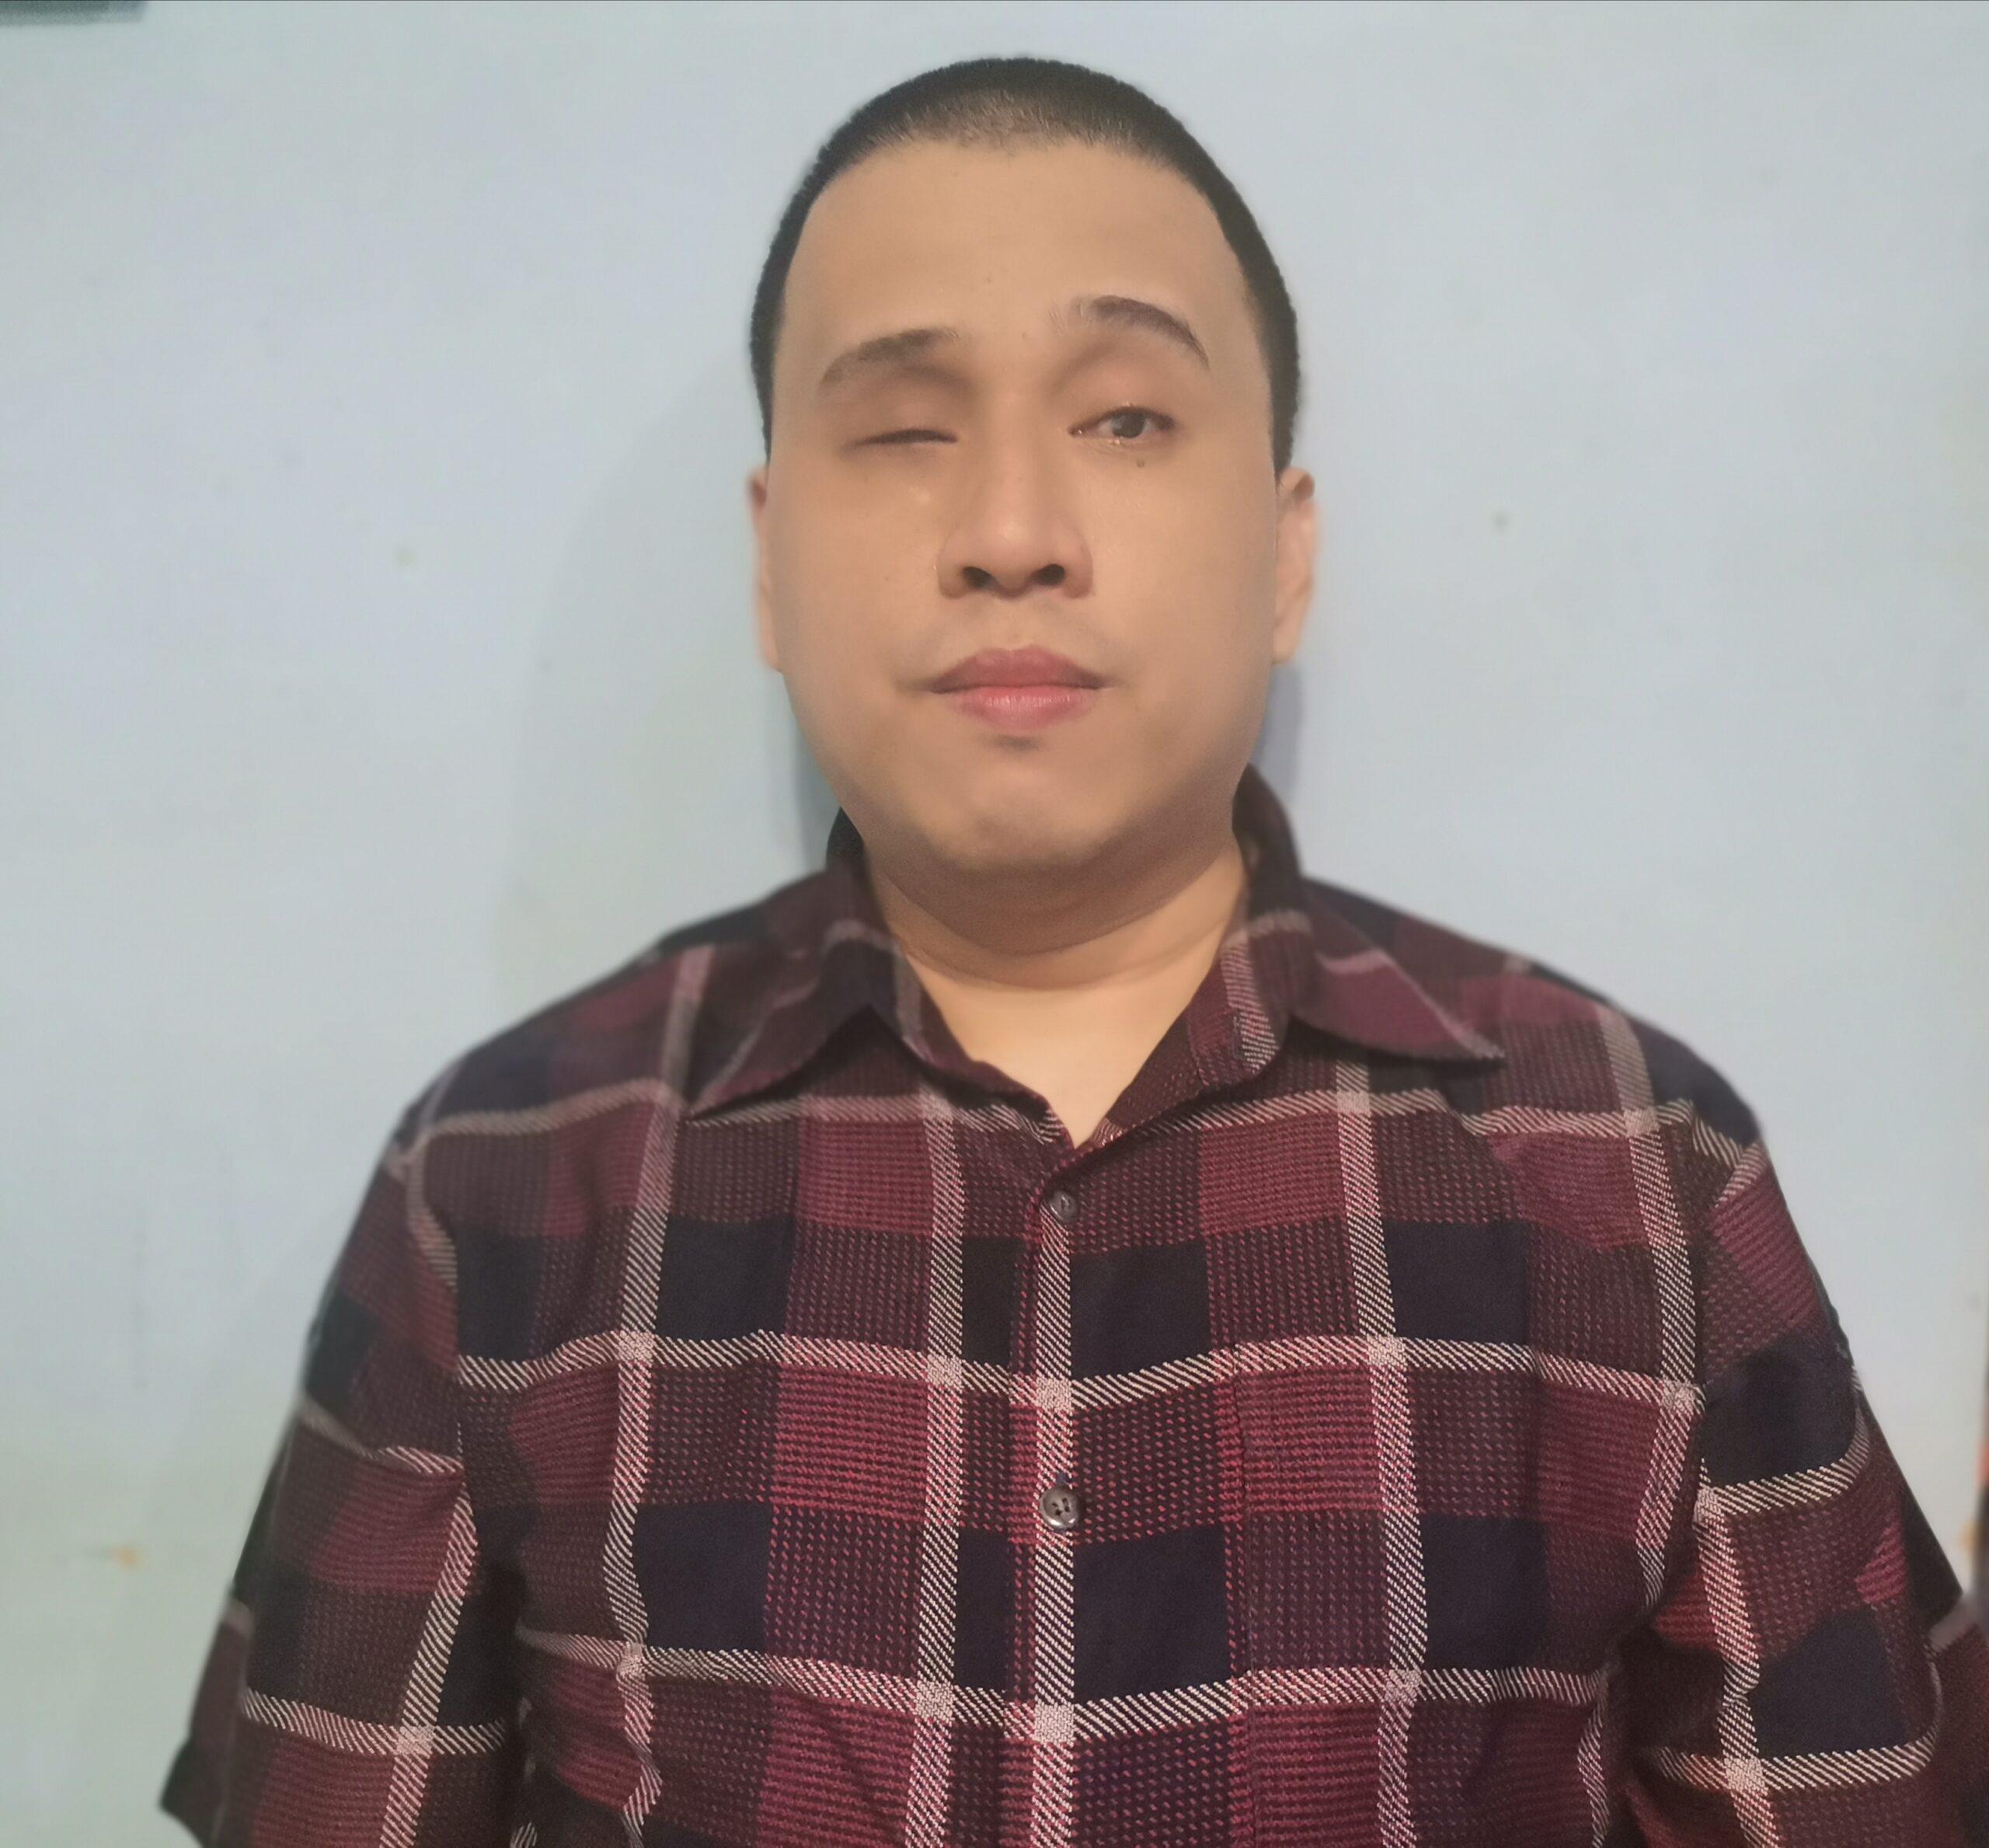 Mr. Chito Pabia